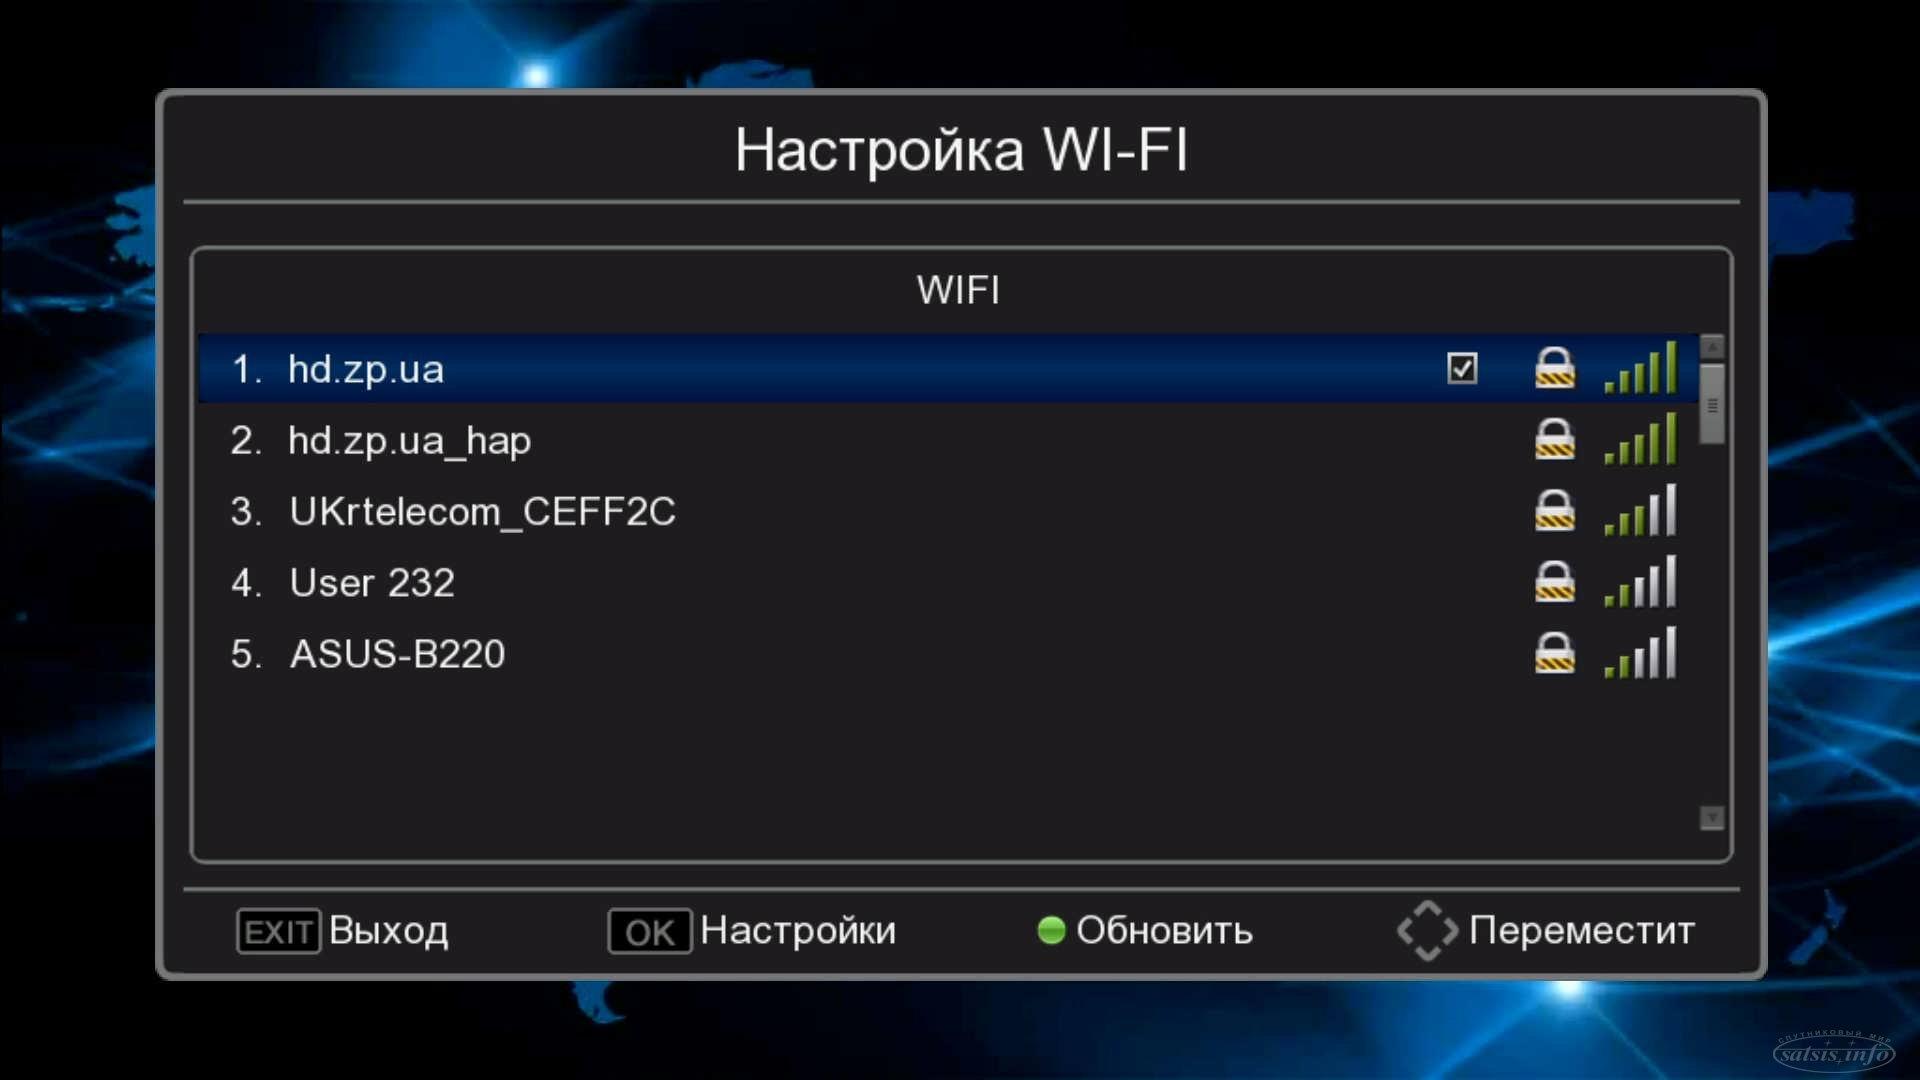 pkhelpcom  все о IT мире